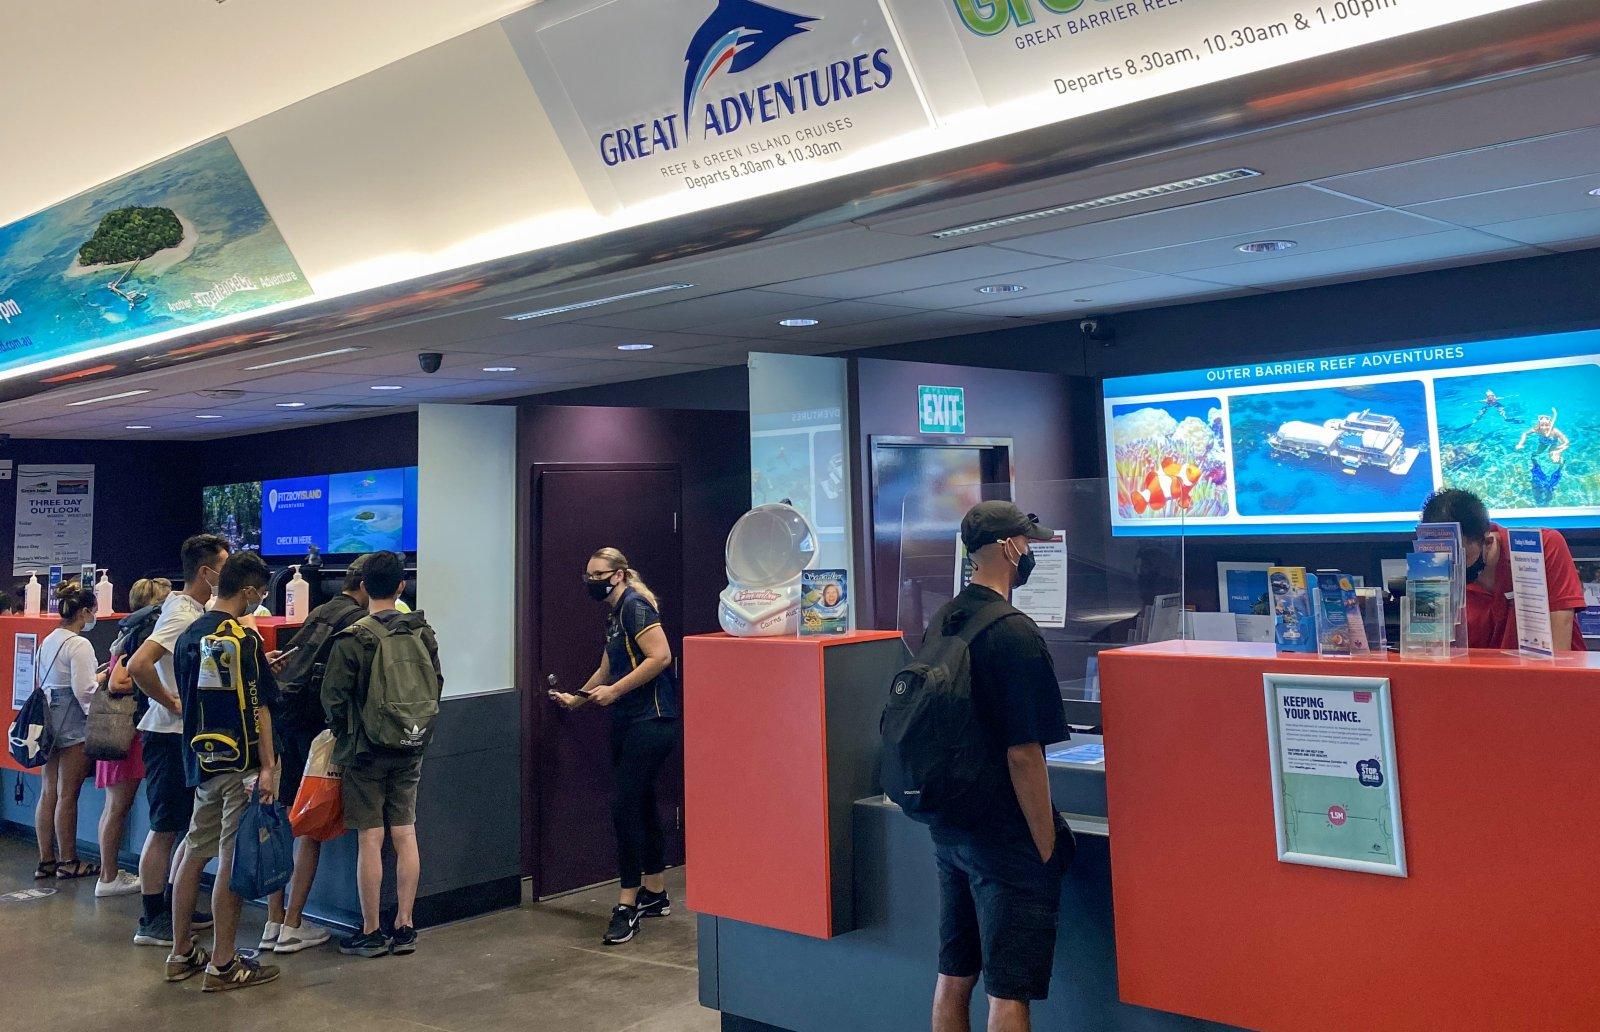 4月2日,遊客在澳大利亞凱恩斯遊客中心碼頭排隊。(新華社)